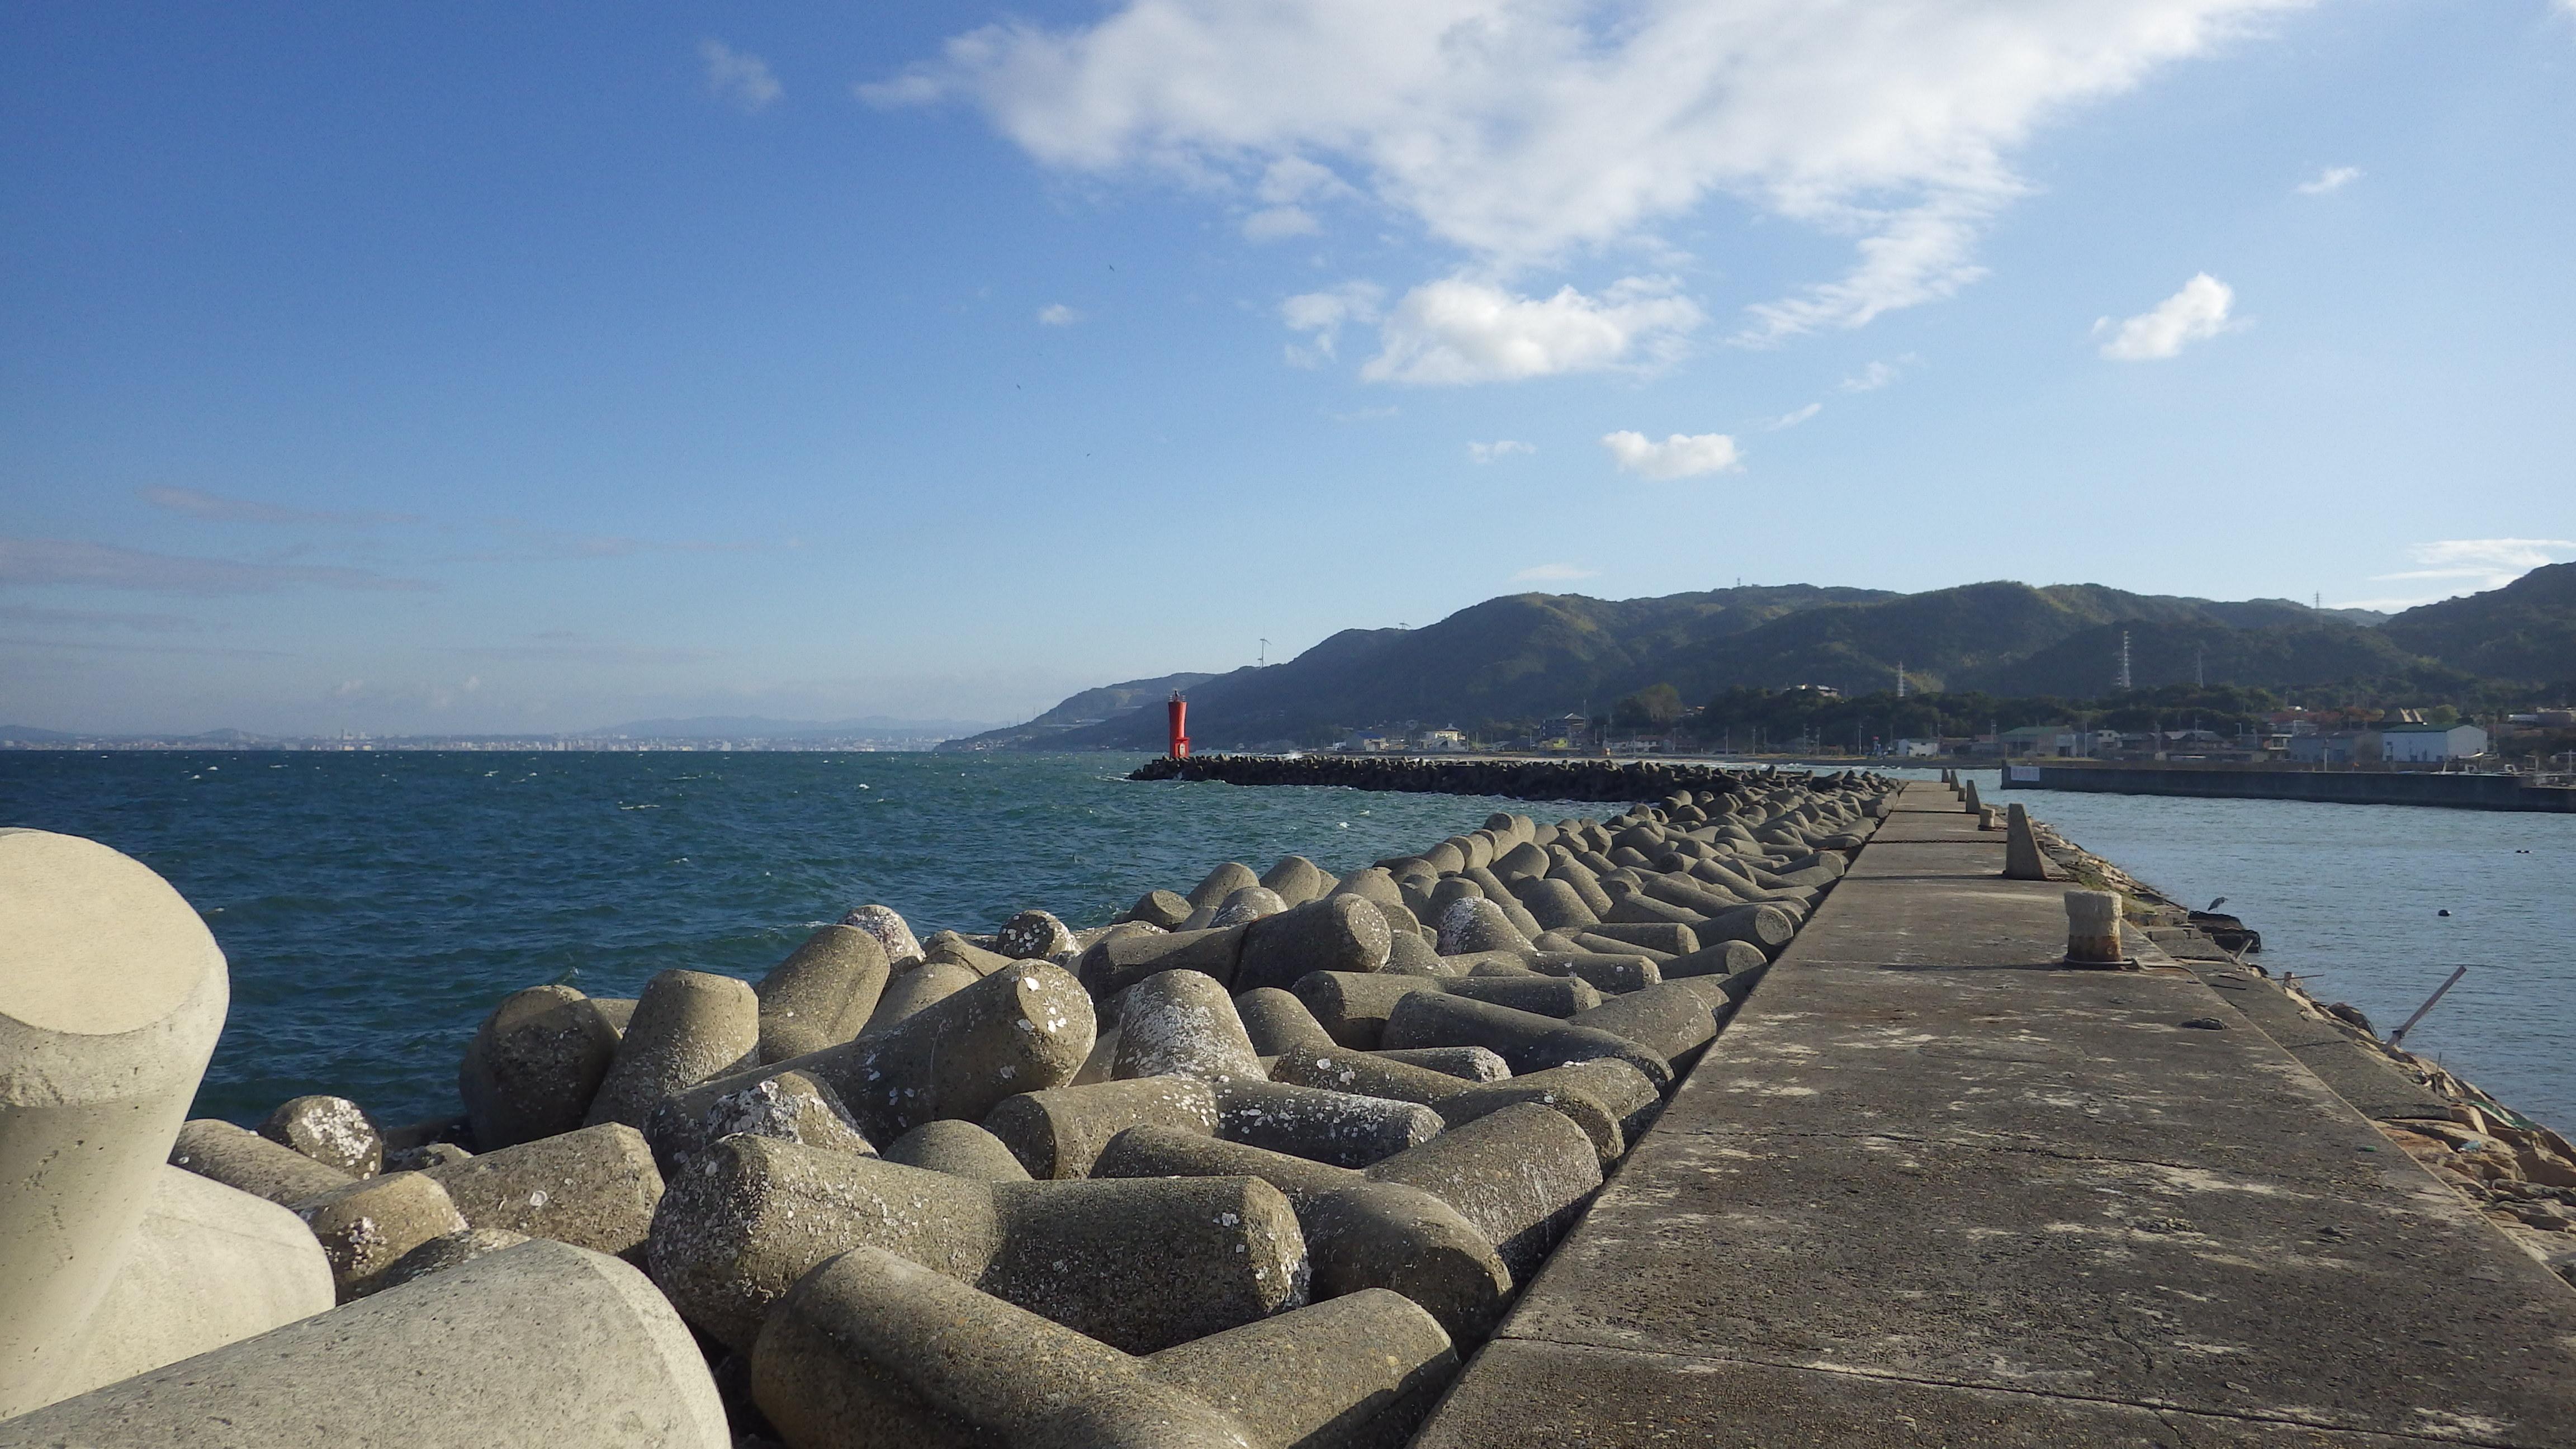 淡路島で釣りが楽しめるポイントを一挙公開!海釣り公園や穴場スポットまで!